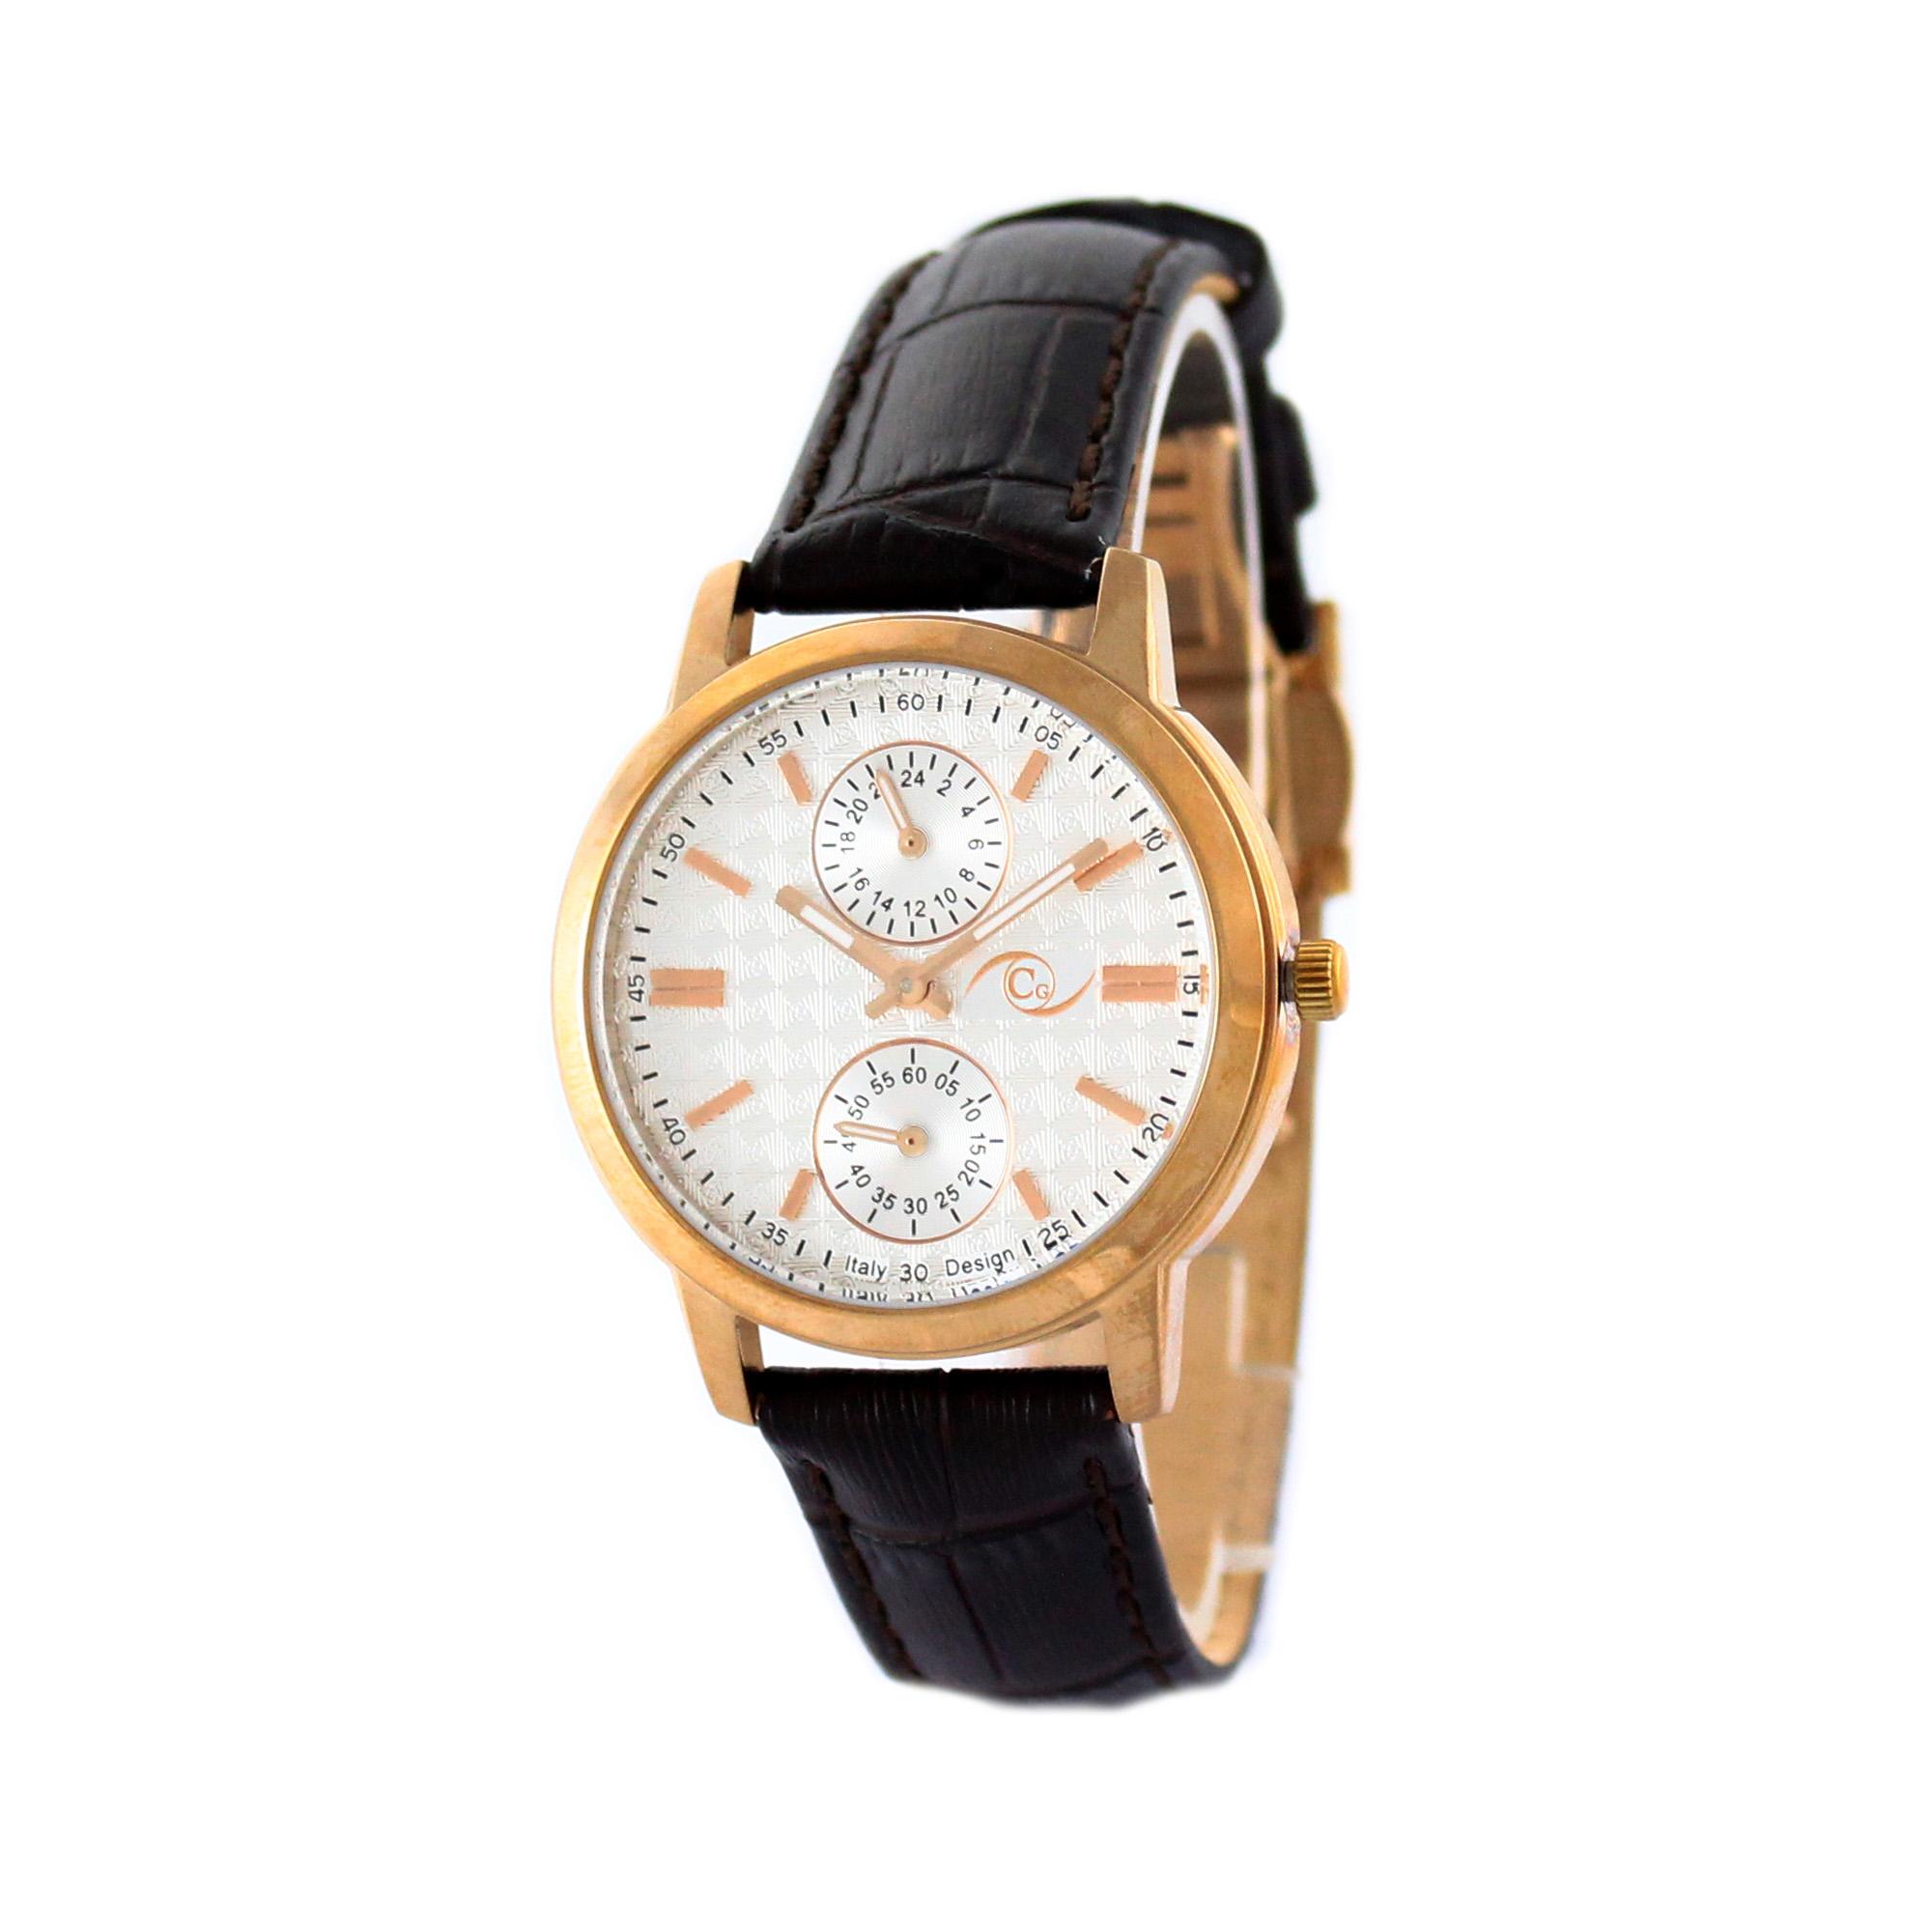 ساعت مچی عقربه ای زنانه کارلو پروجی مدل CG2018-2 31